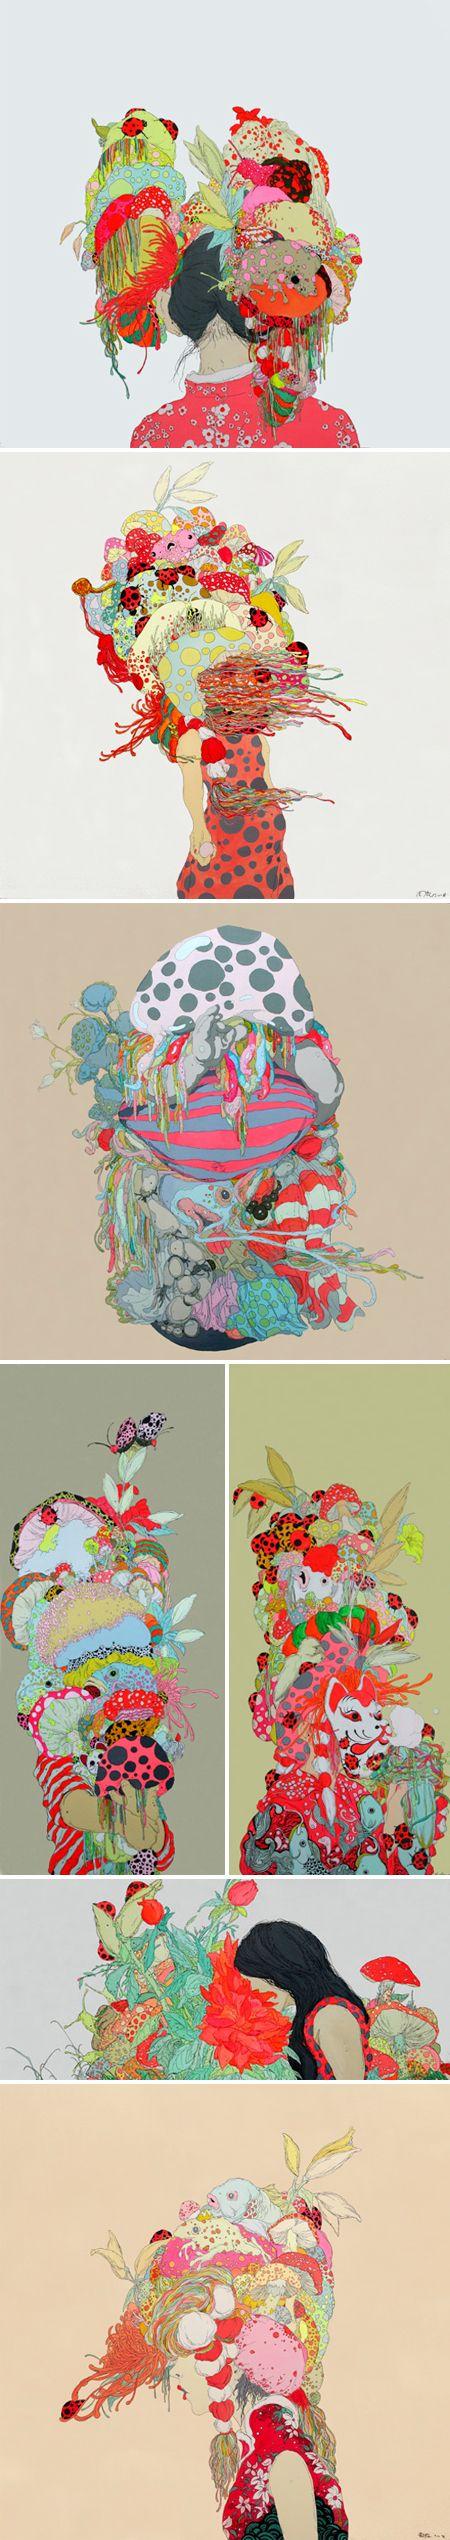 paintings by zhou fan